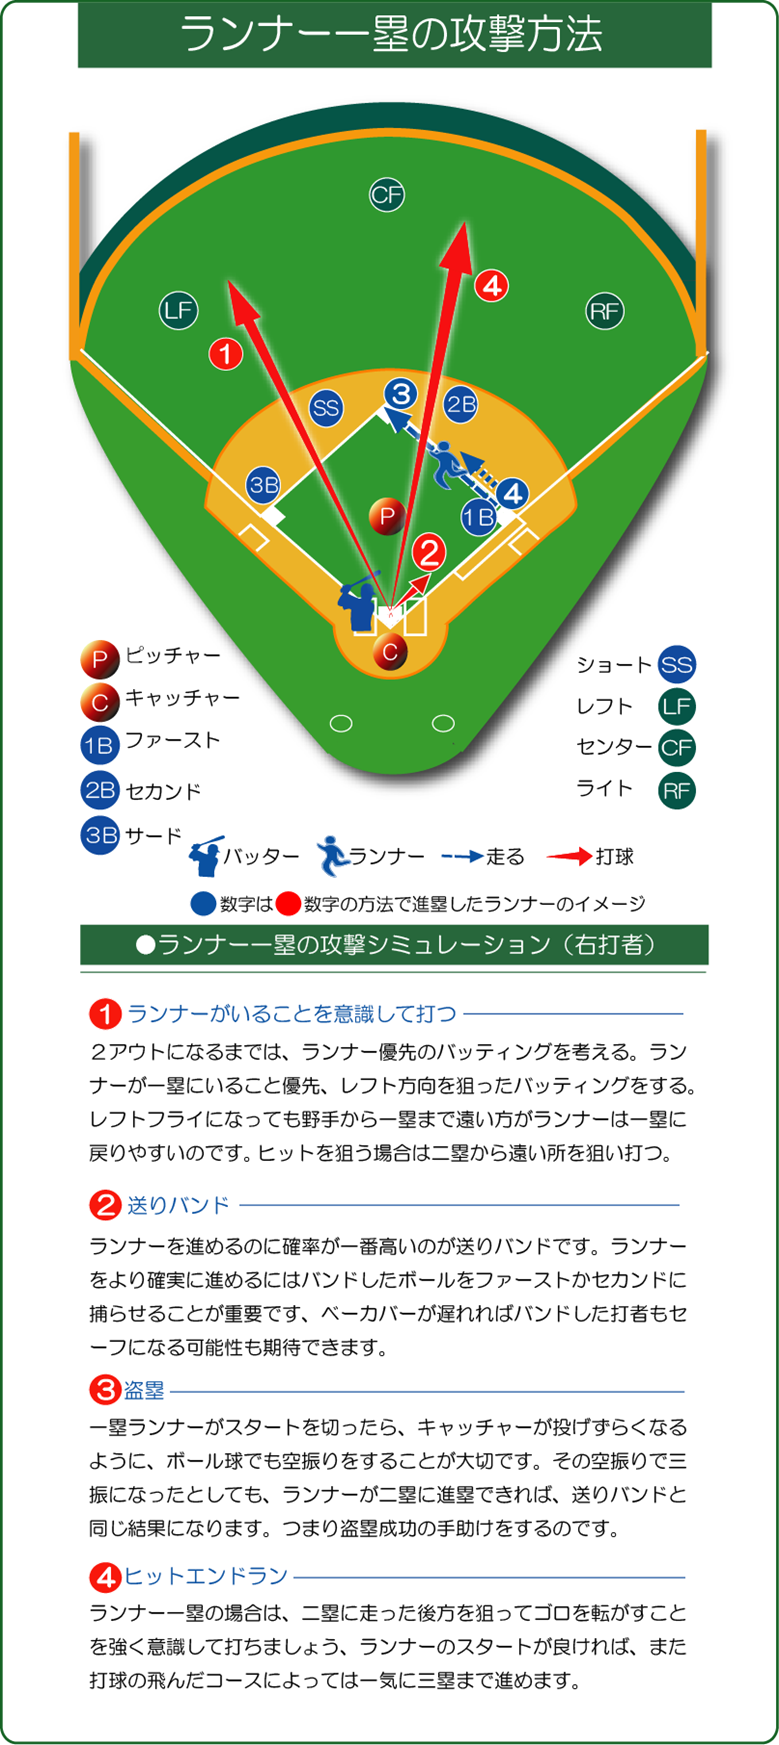 ランナー一塁の攻撃方法の考え方の説明